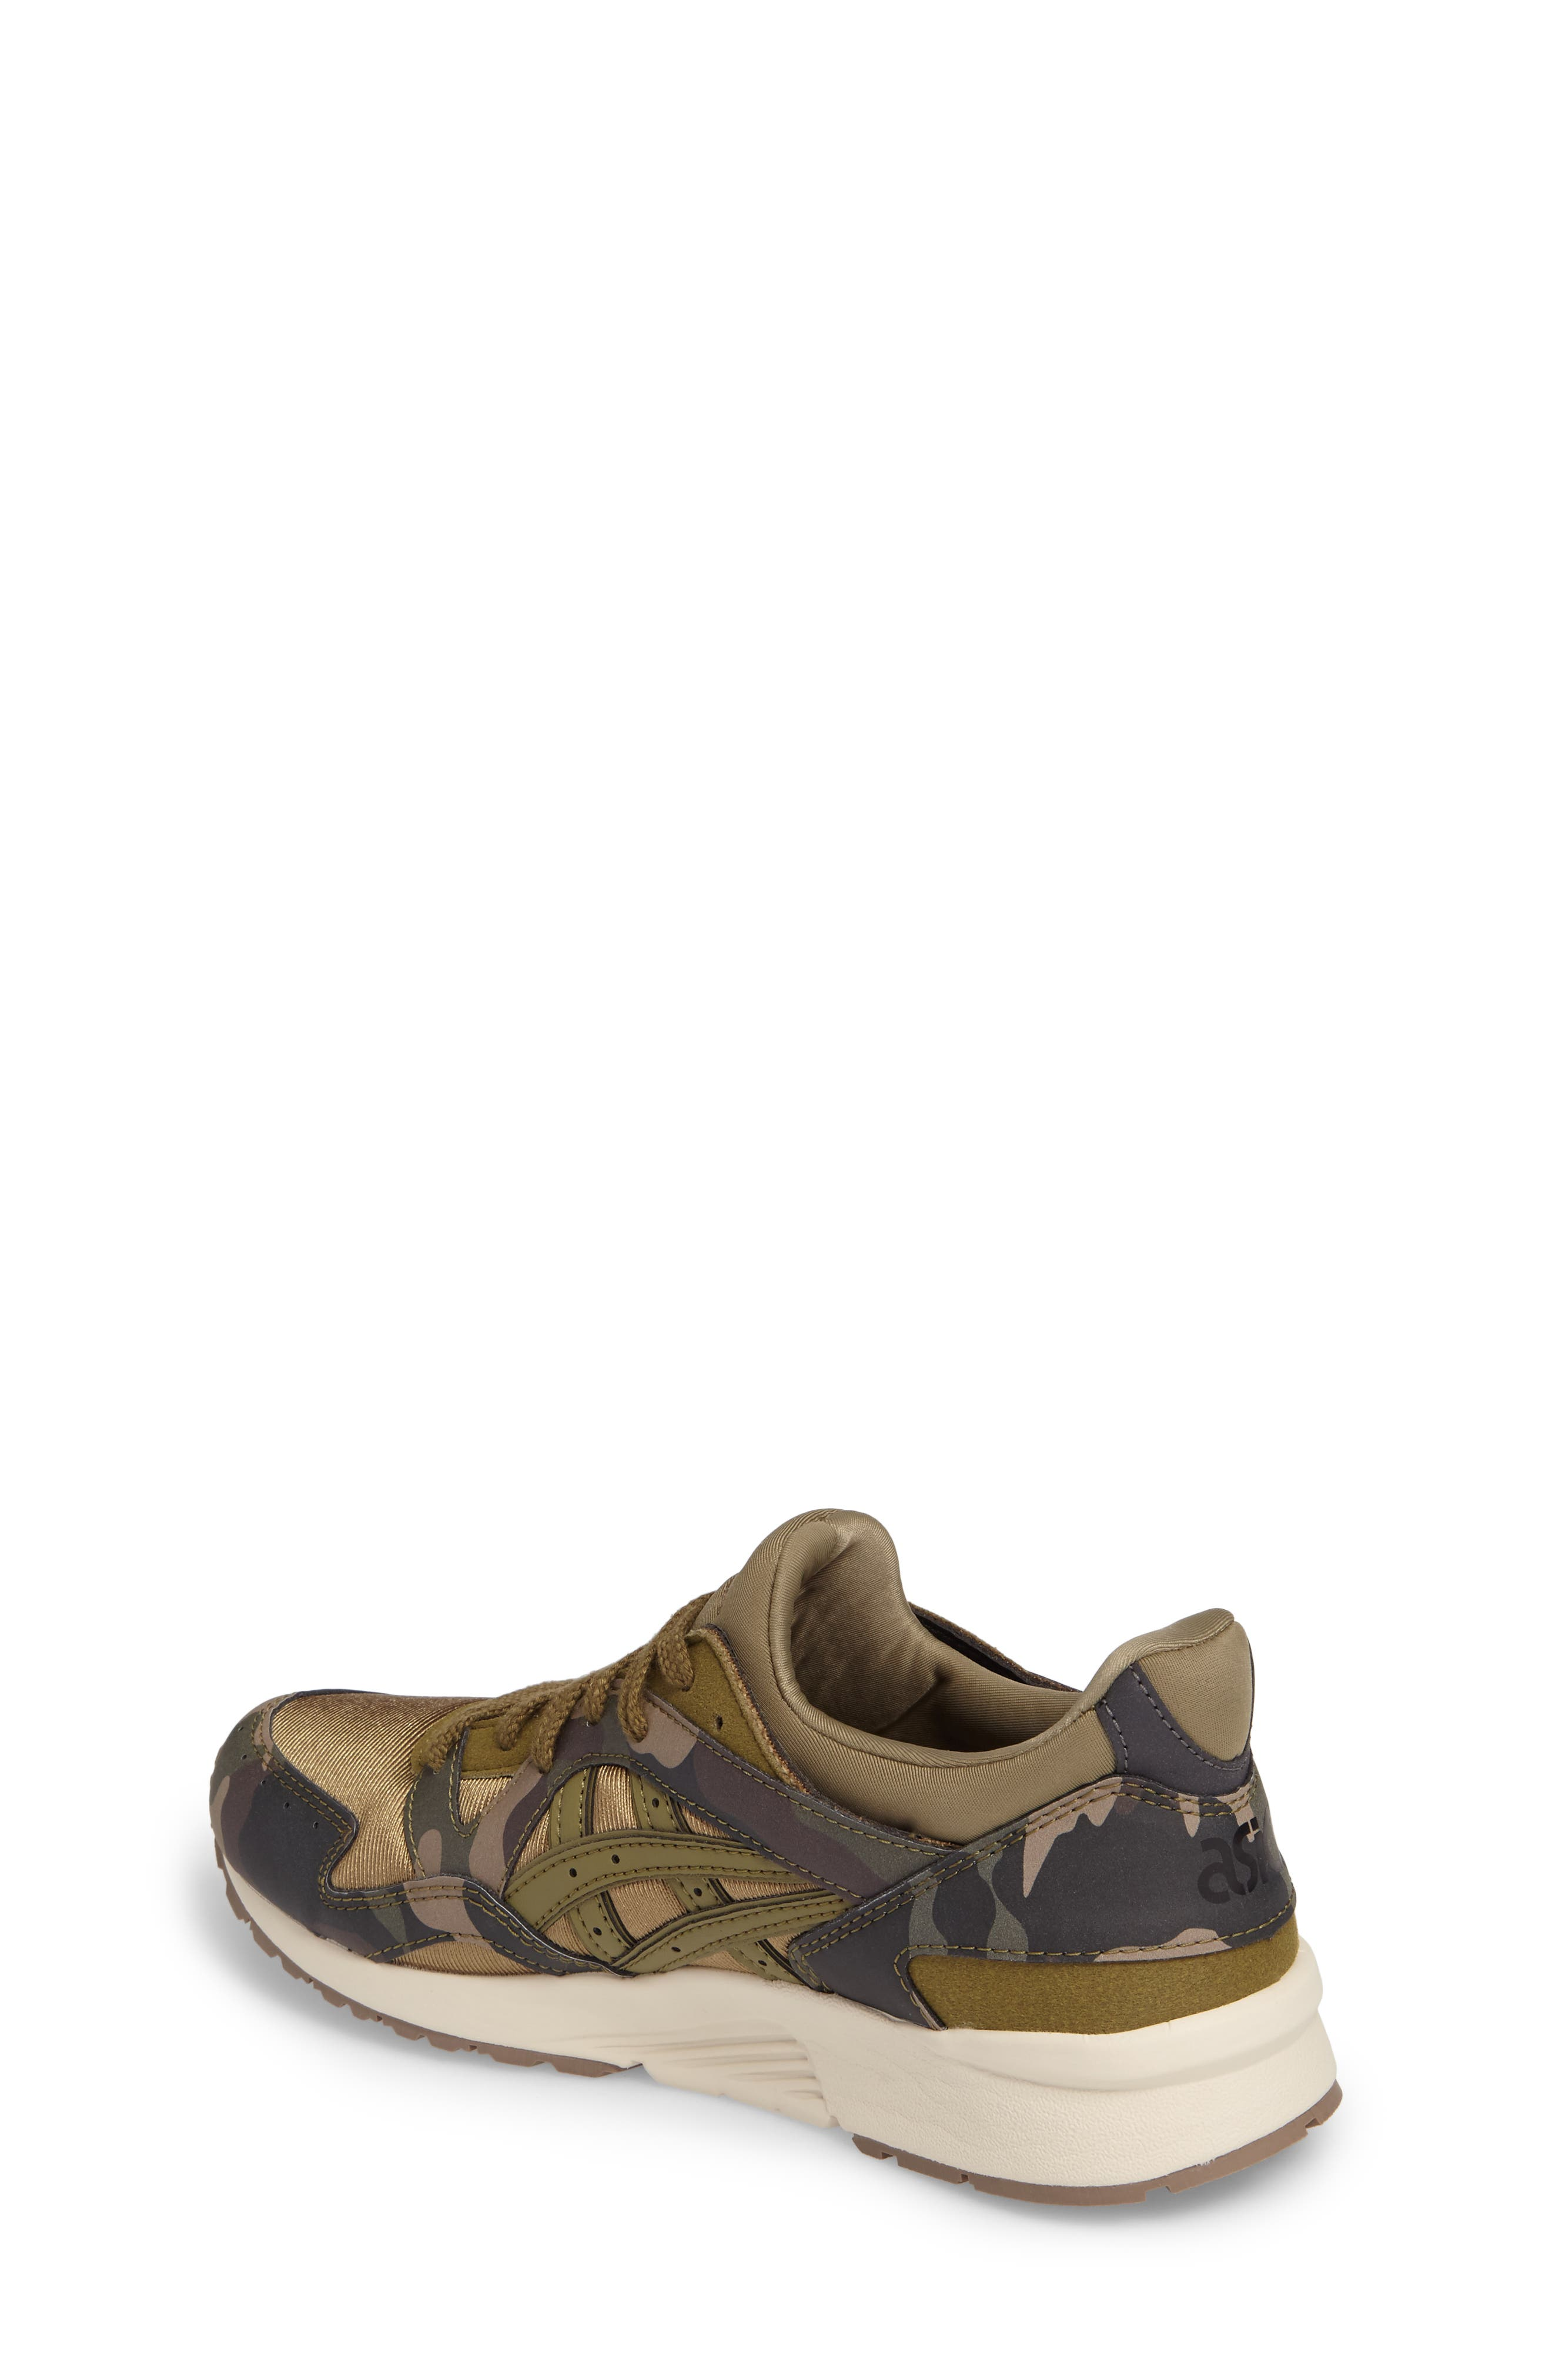 Alternate Image 2  - ASICS® GEL-LYTE® V GS Sneaker (Big Kid)